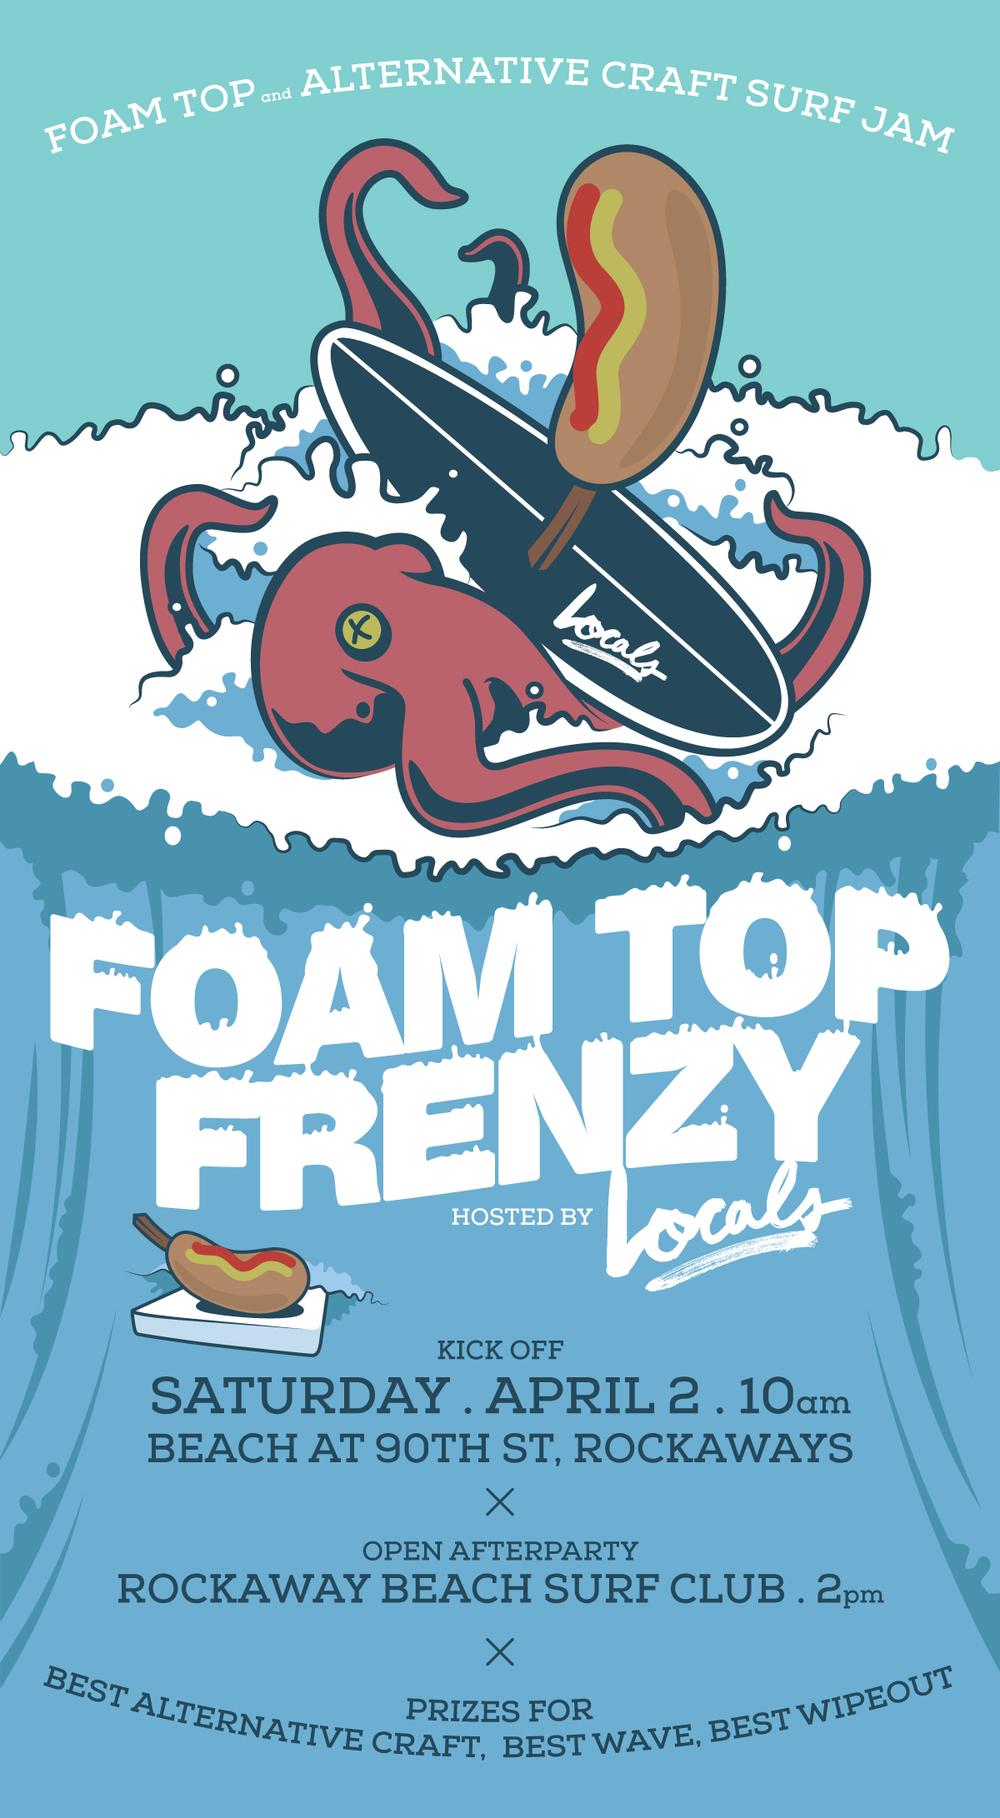 rbsc locals party foam top